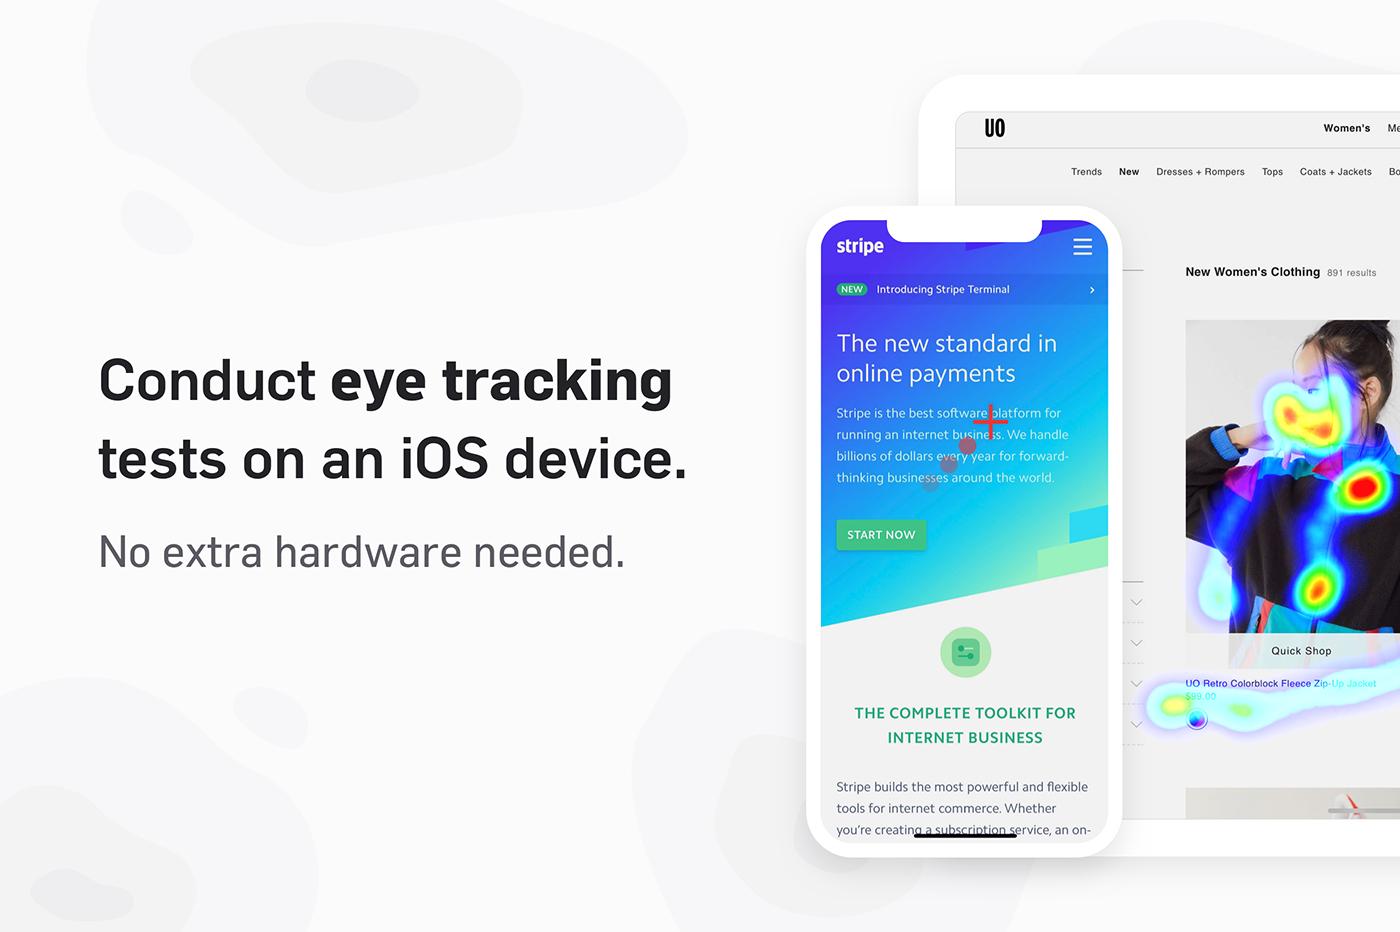 Une application de eye tracking gratuite sur l'App Store